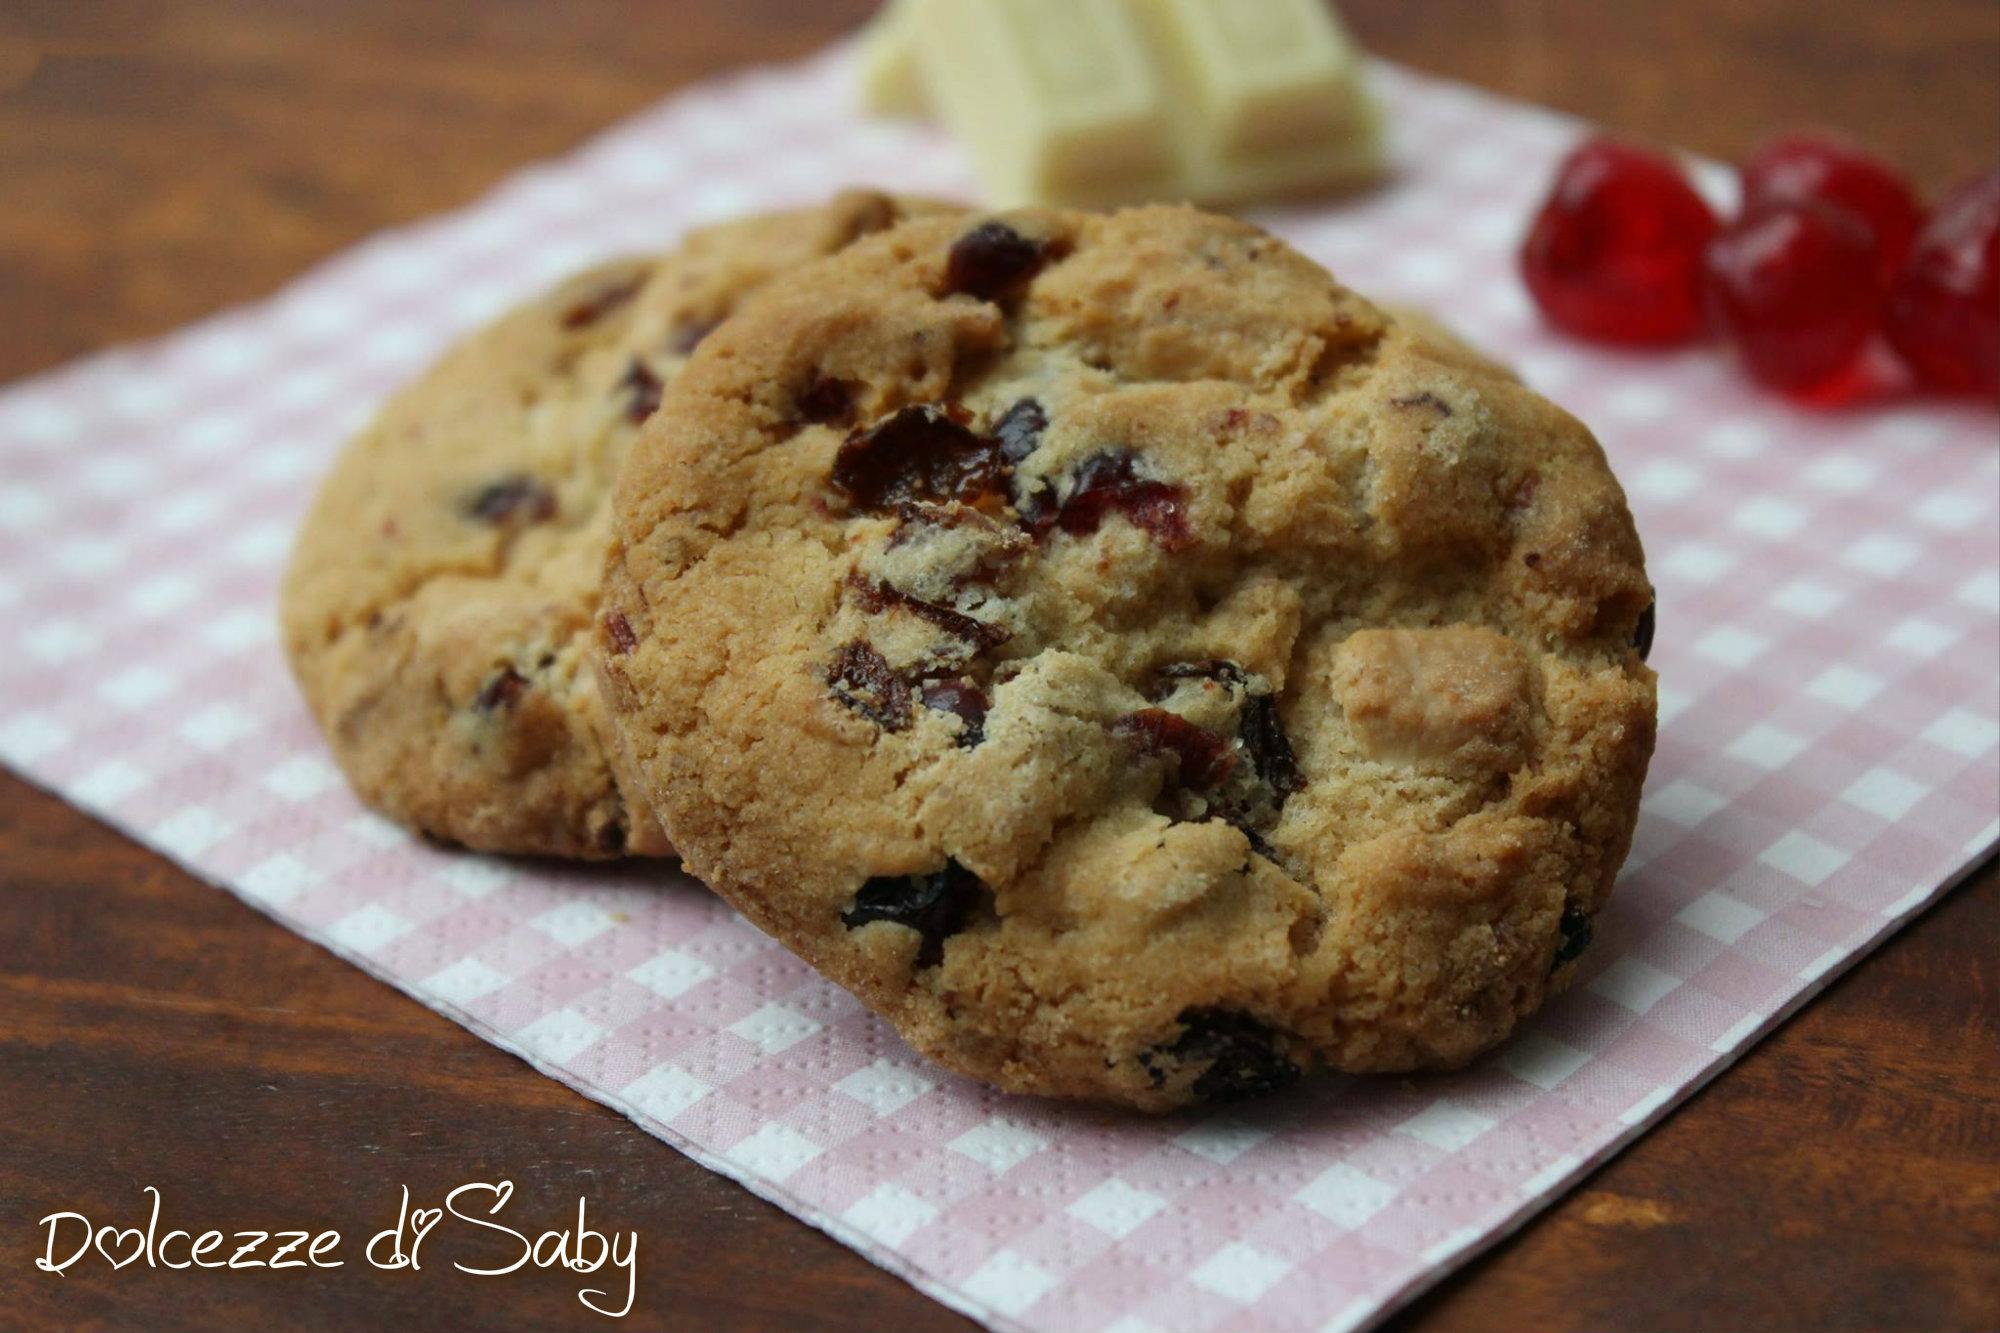 Ricetta Cookies Cioccolato Bianco E Mirtilli.Cookies Ai Mirtilli Rossi Cranberry White Chocolate